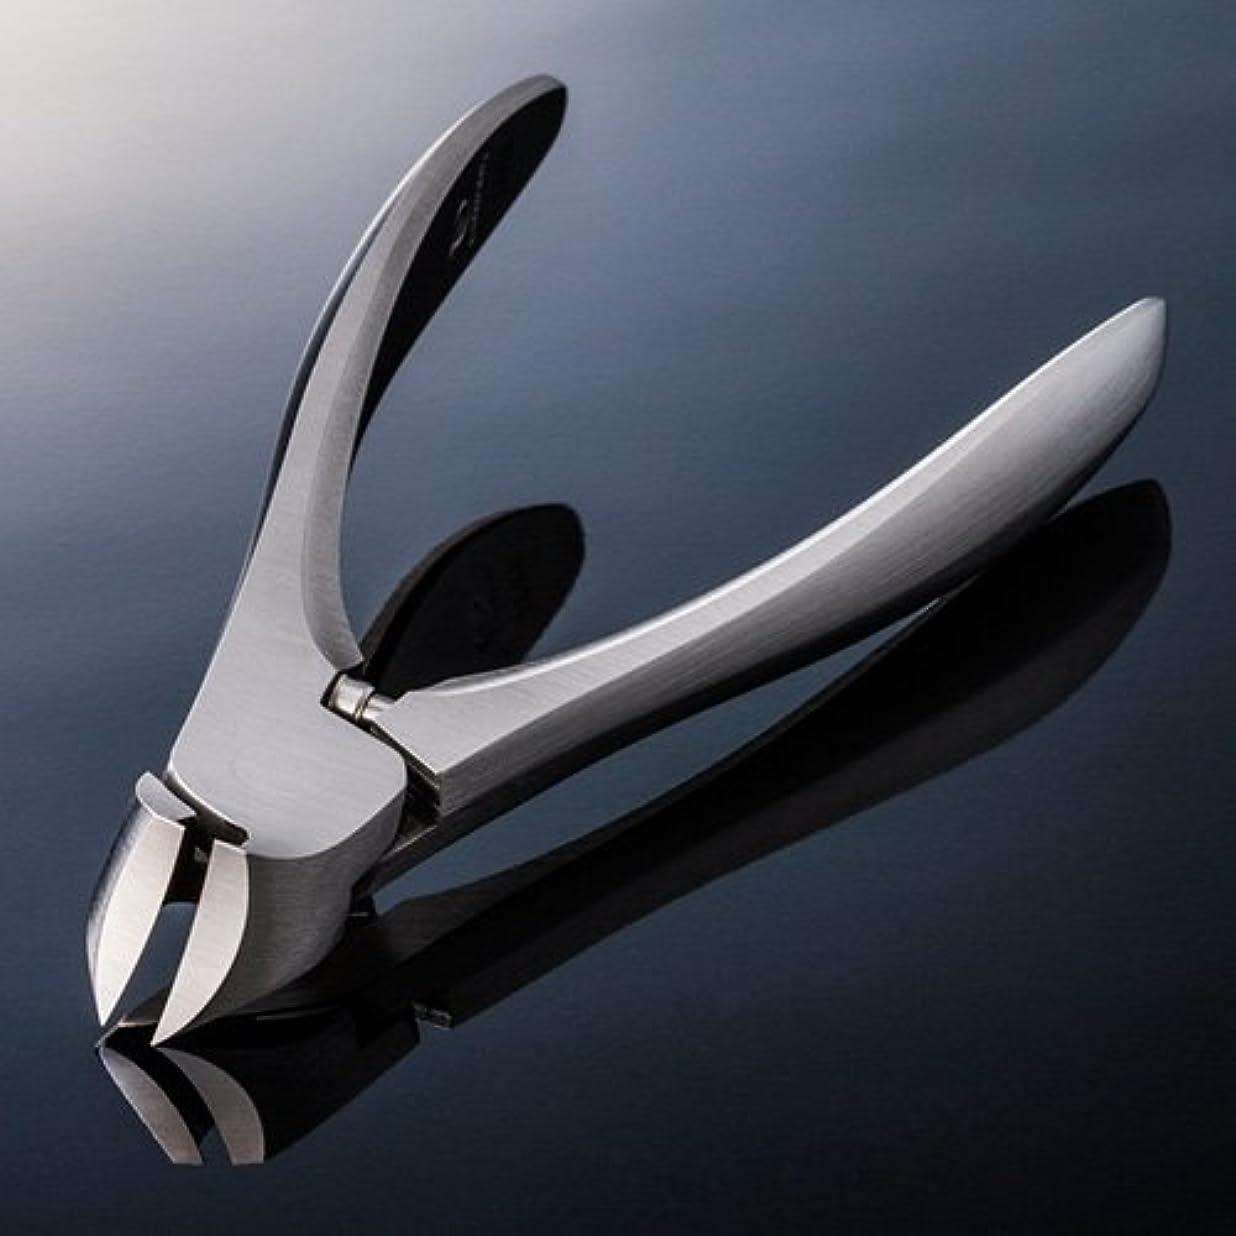 夜間賞乗算【SUWADA クラシックL 爪やすり付】 諏訪田のつめ切り 爪切り ネイルニッパー 収納メタルケース付 /日本のいいもの